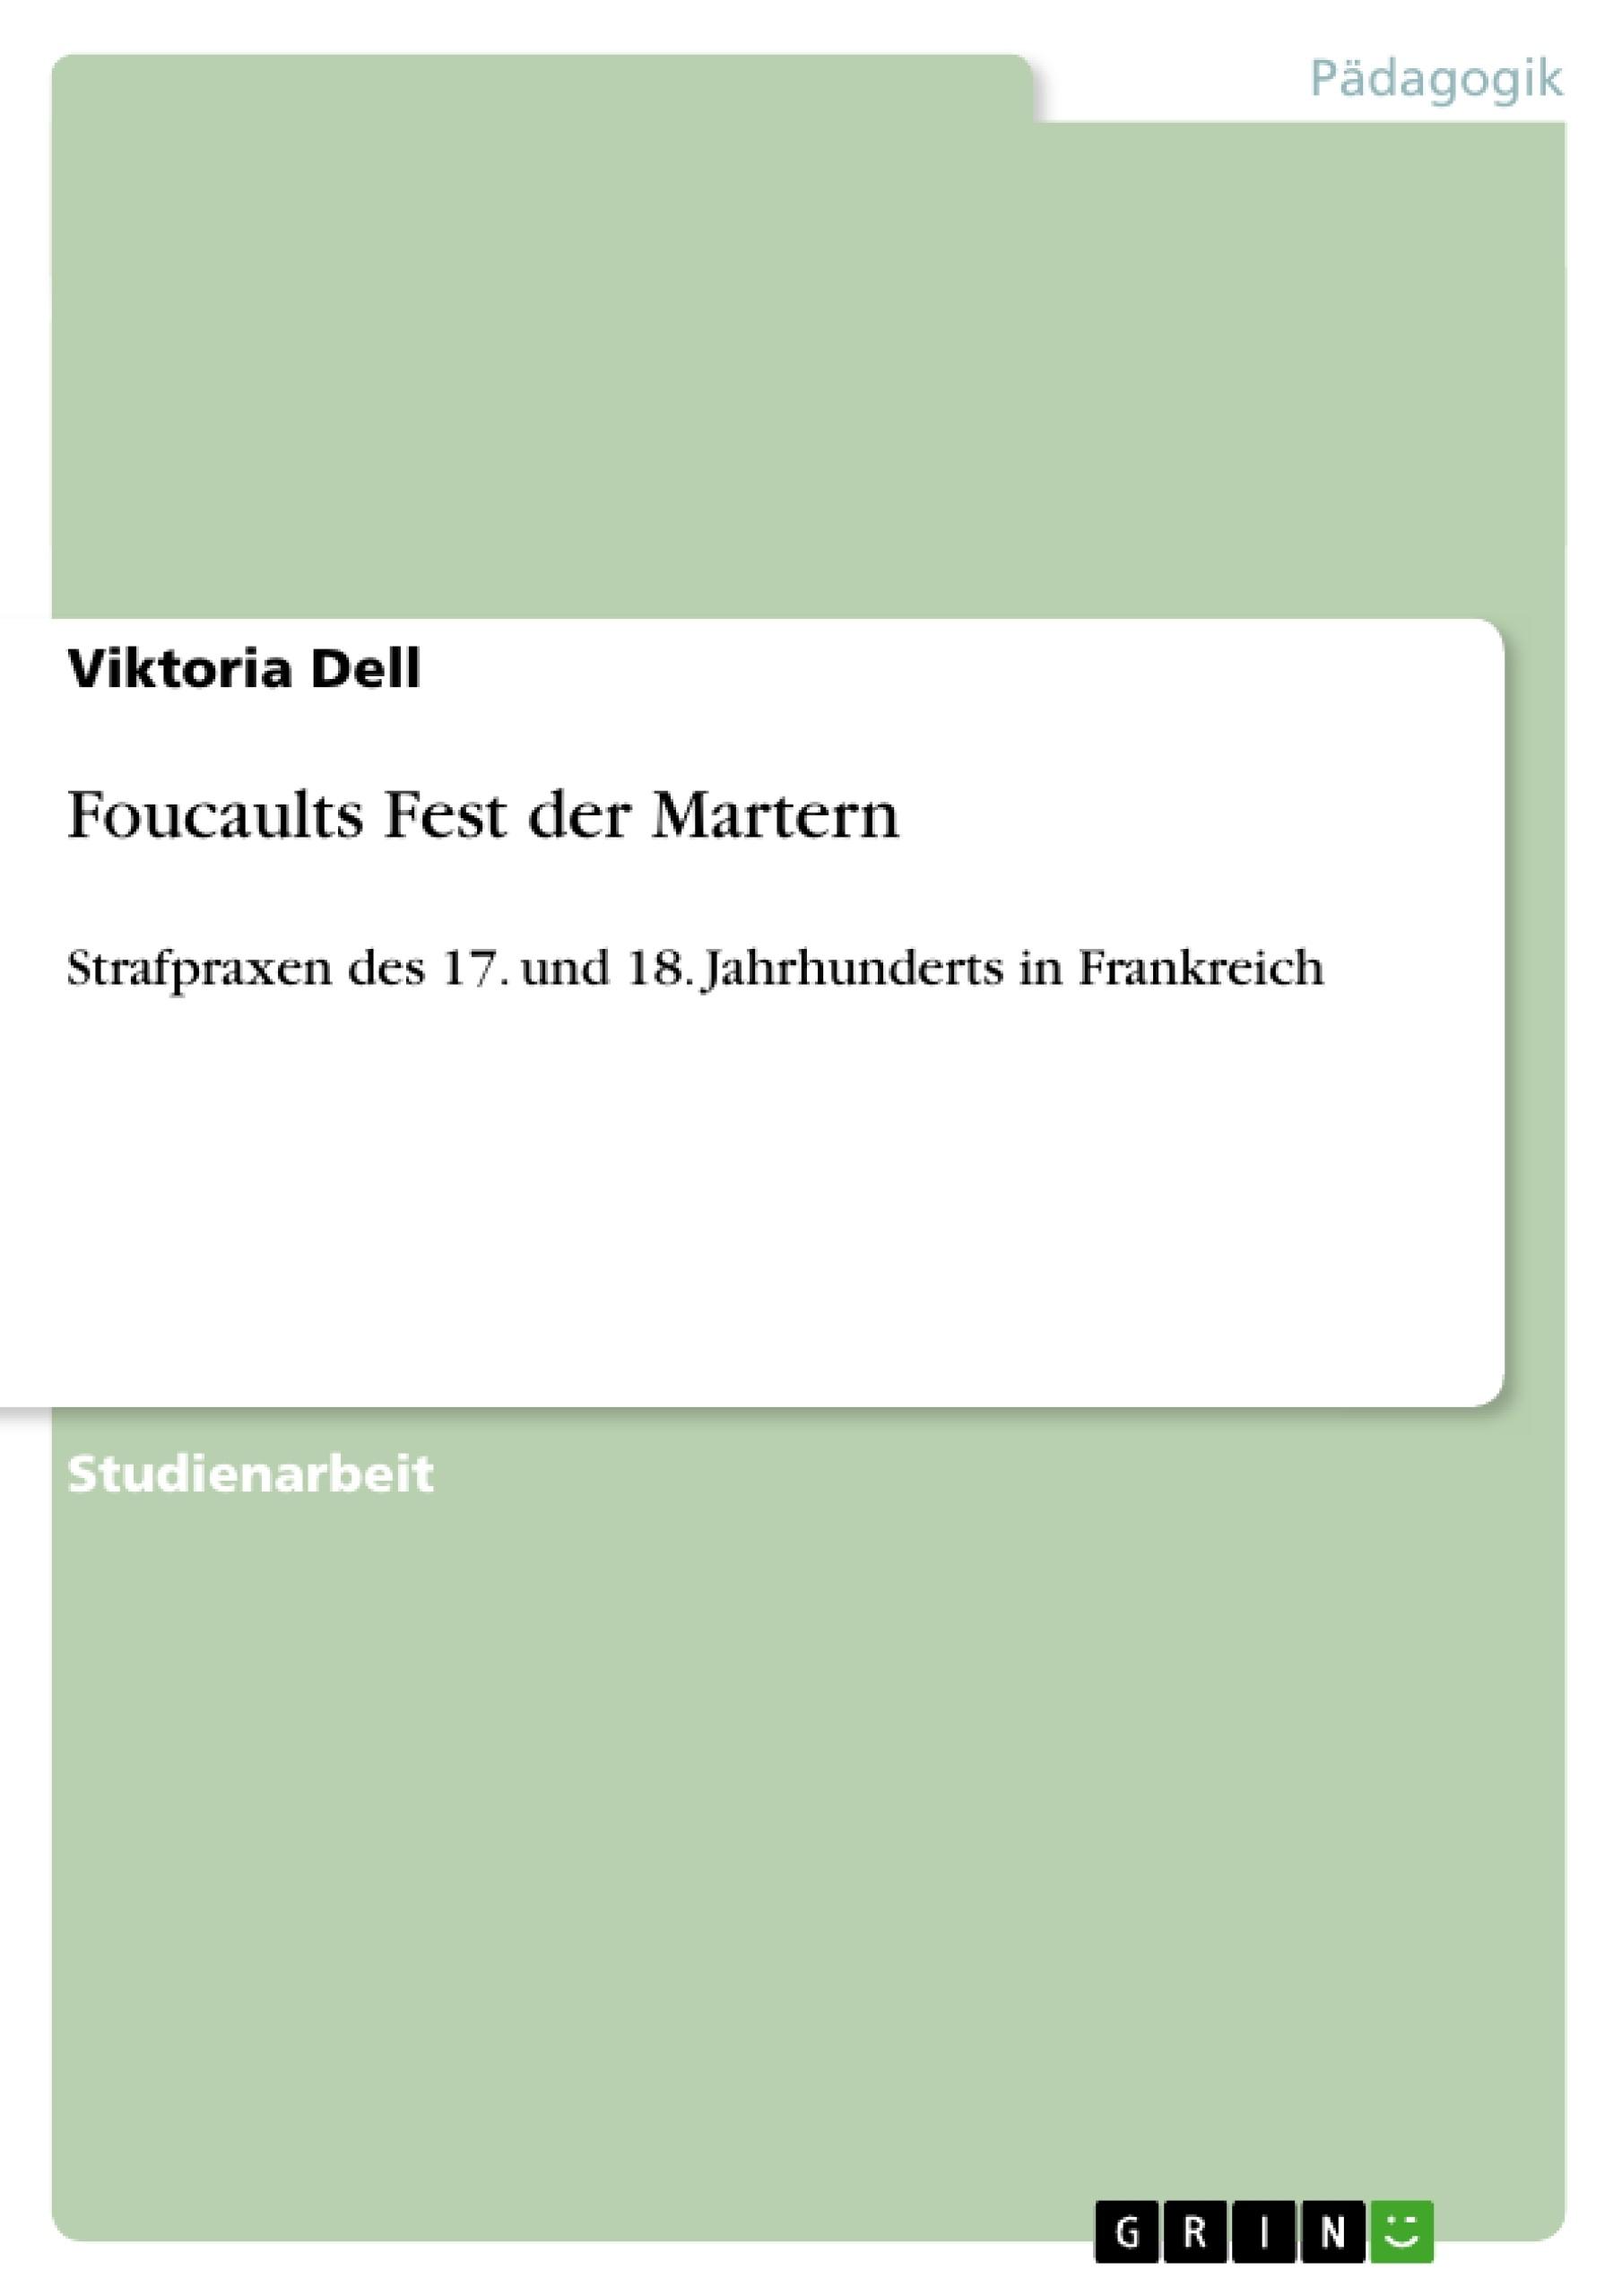 Titel: Foucaults Fest der Martern